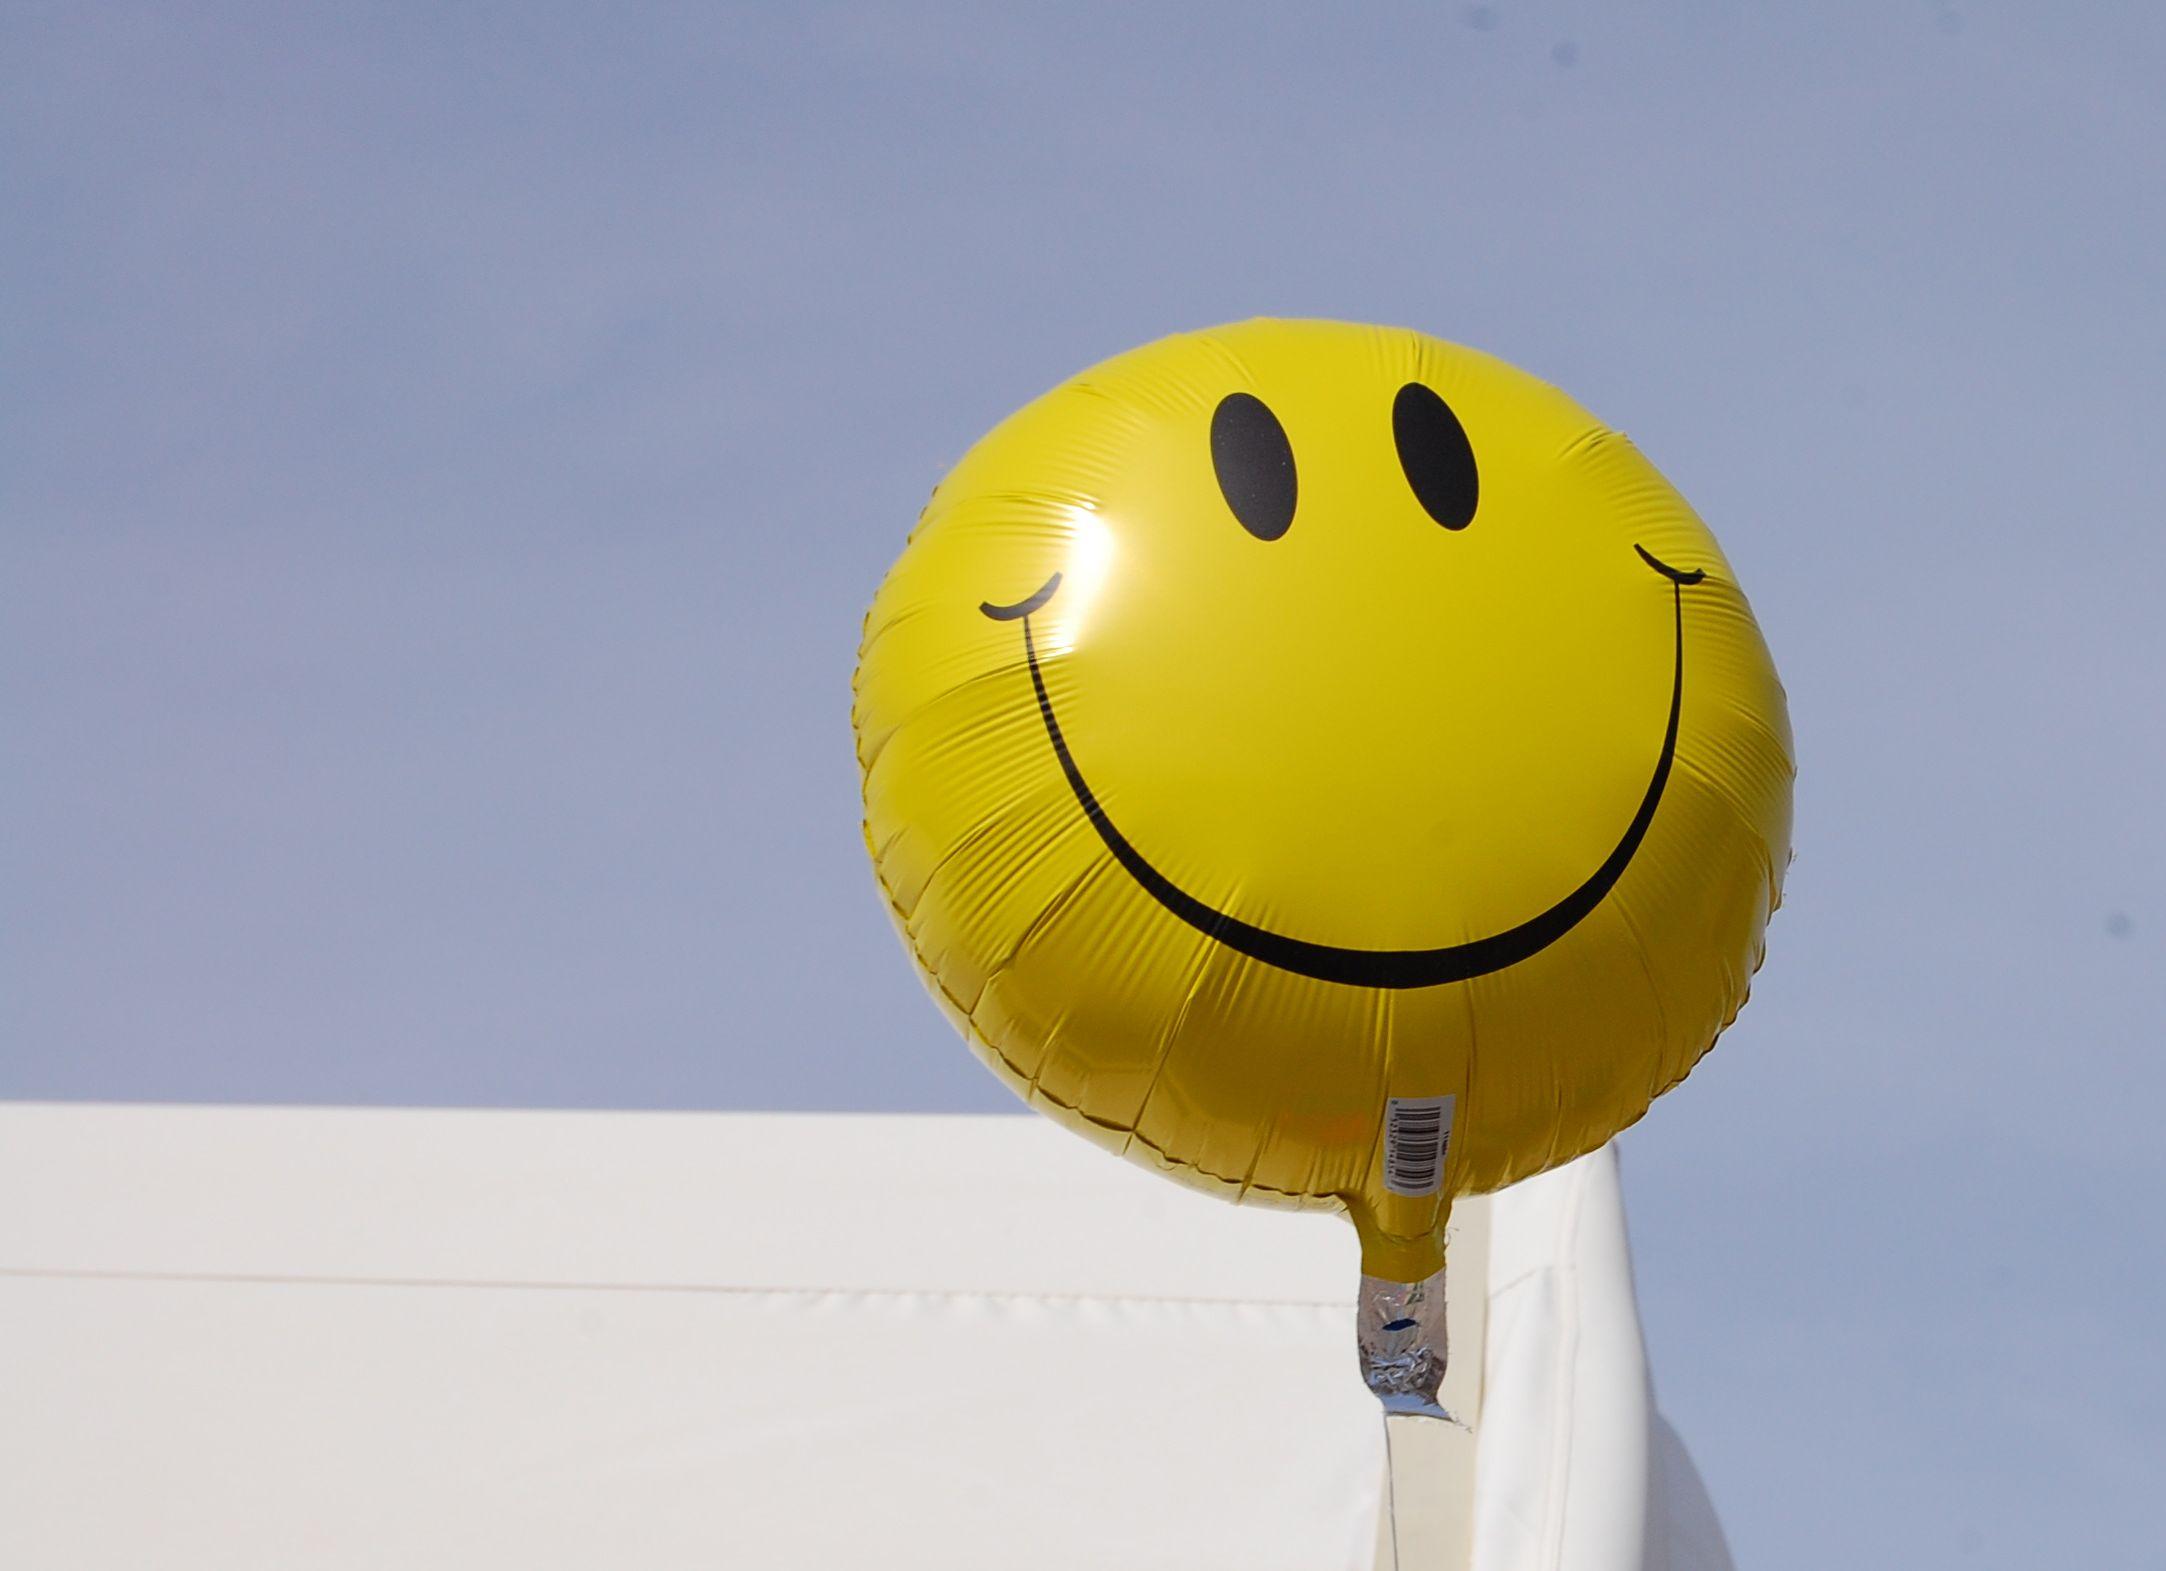 Smile Face Balloon ©2011, SCJN